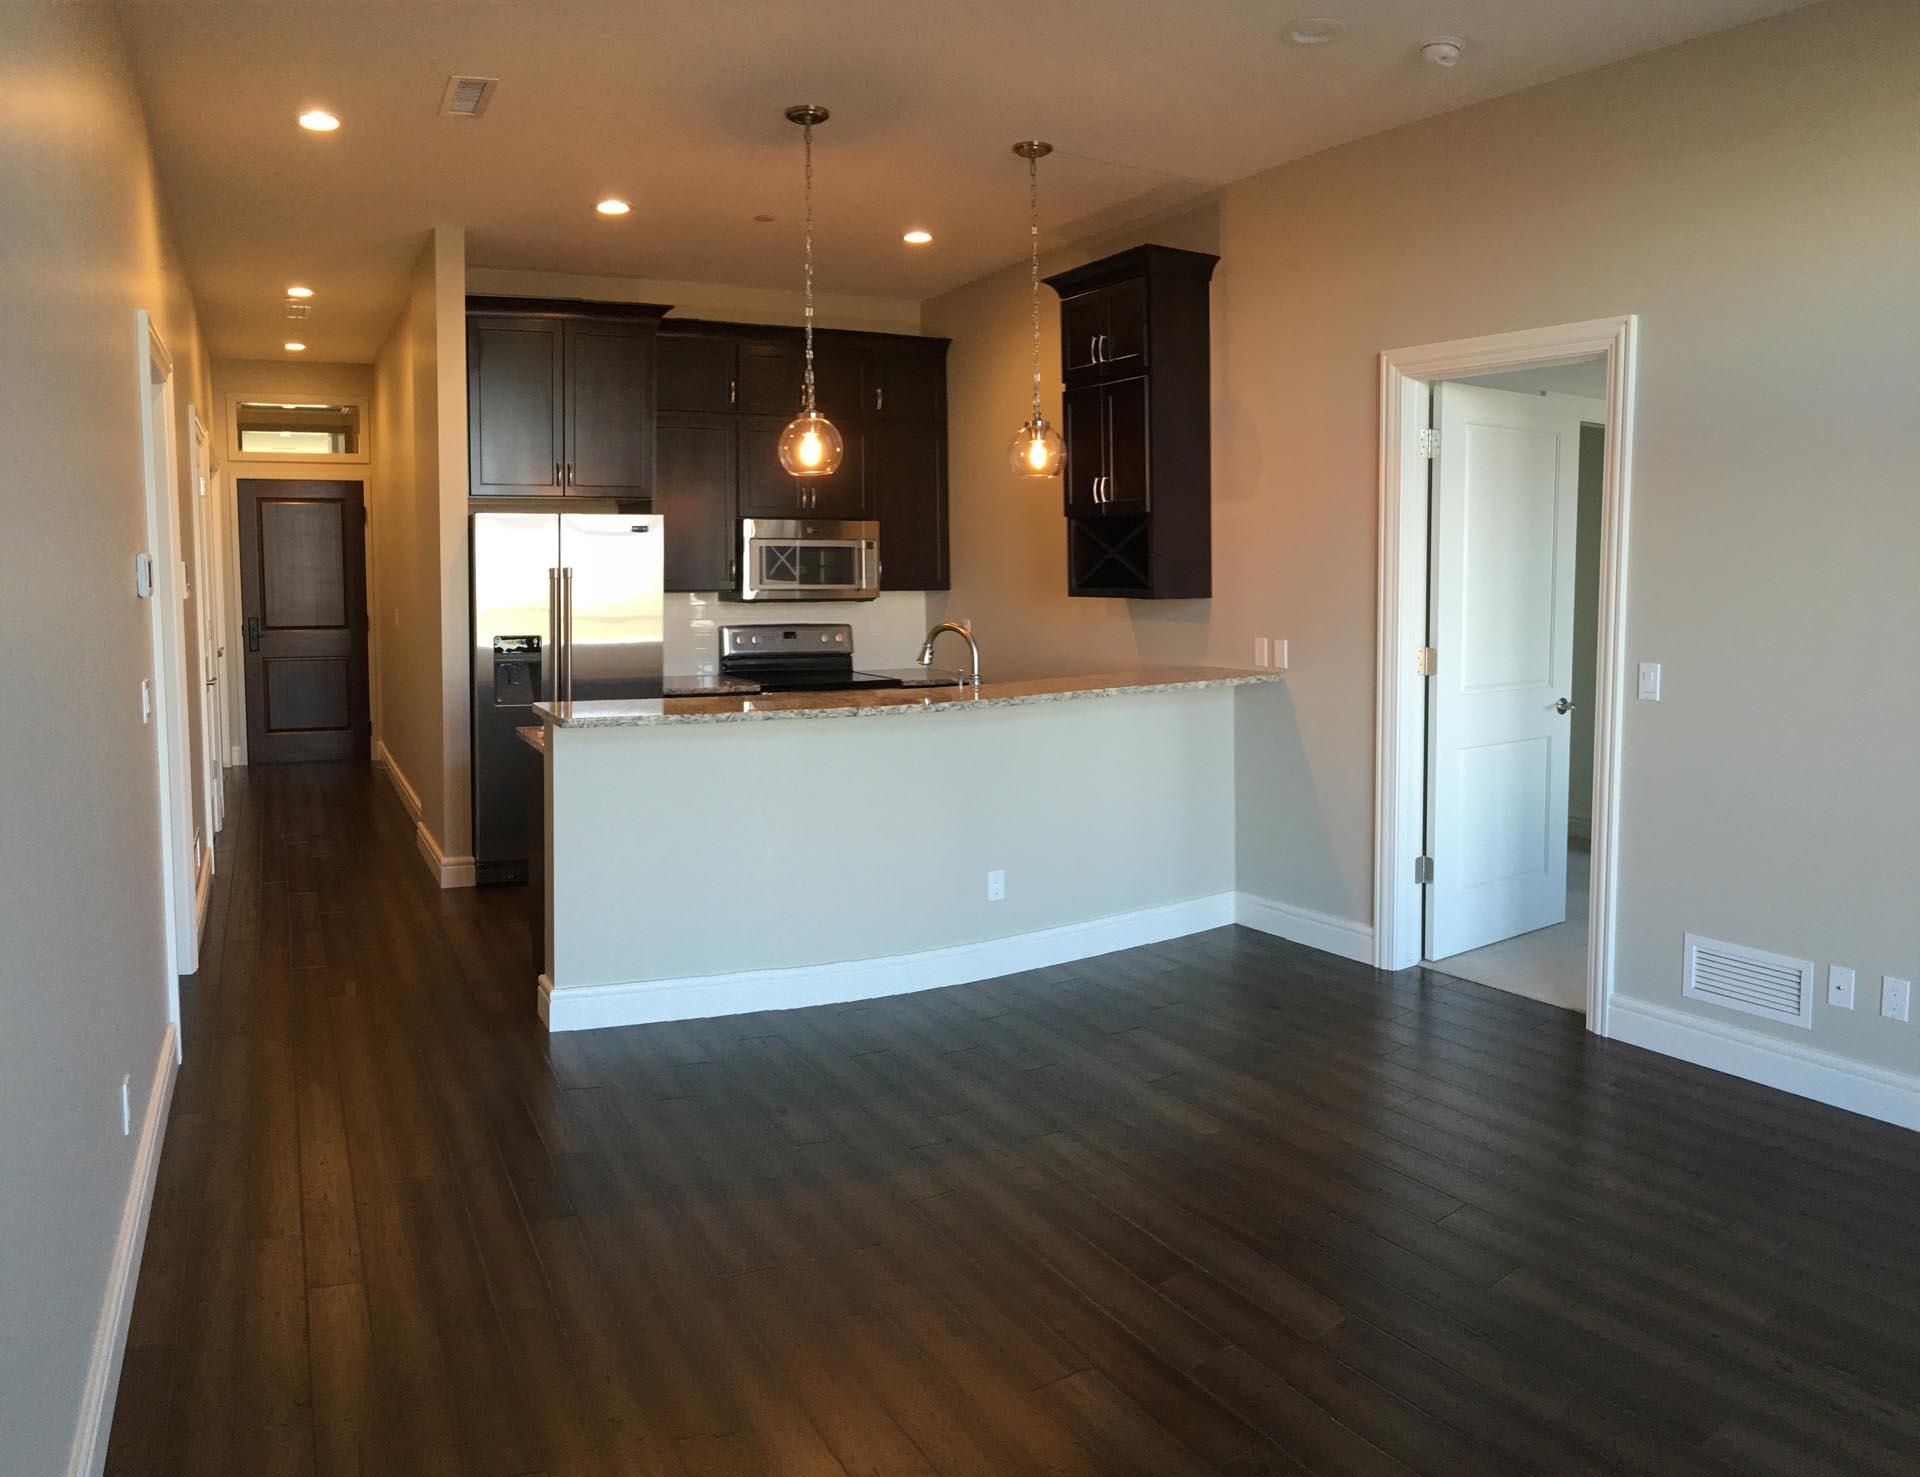 Kitchen | H Residence | Midland, MI